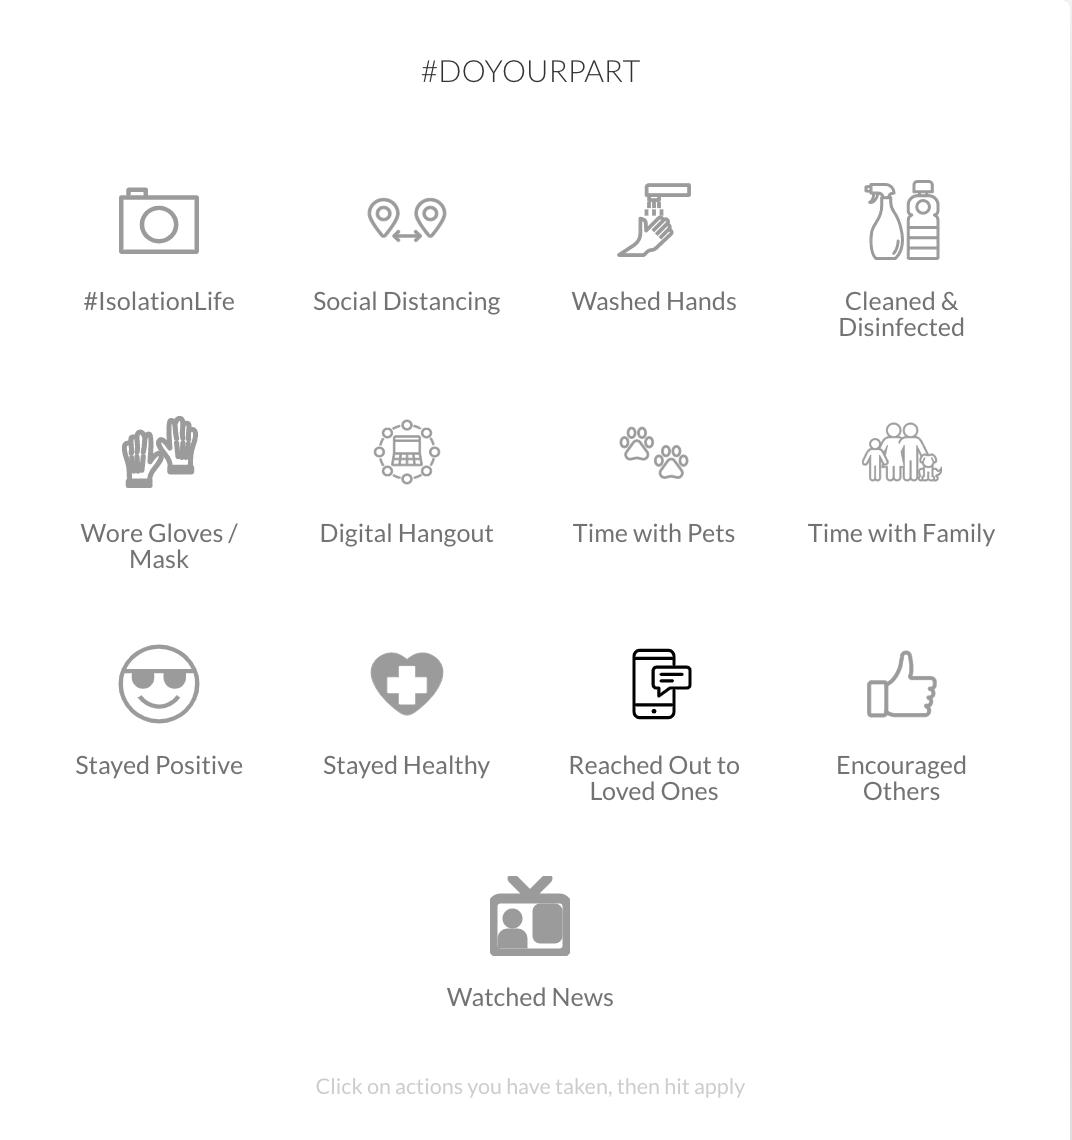 #doyourpart